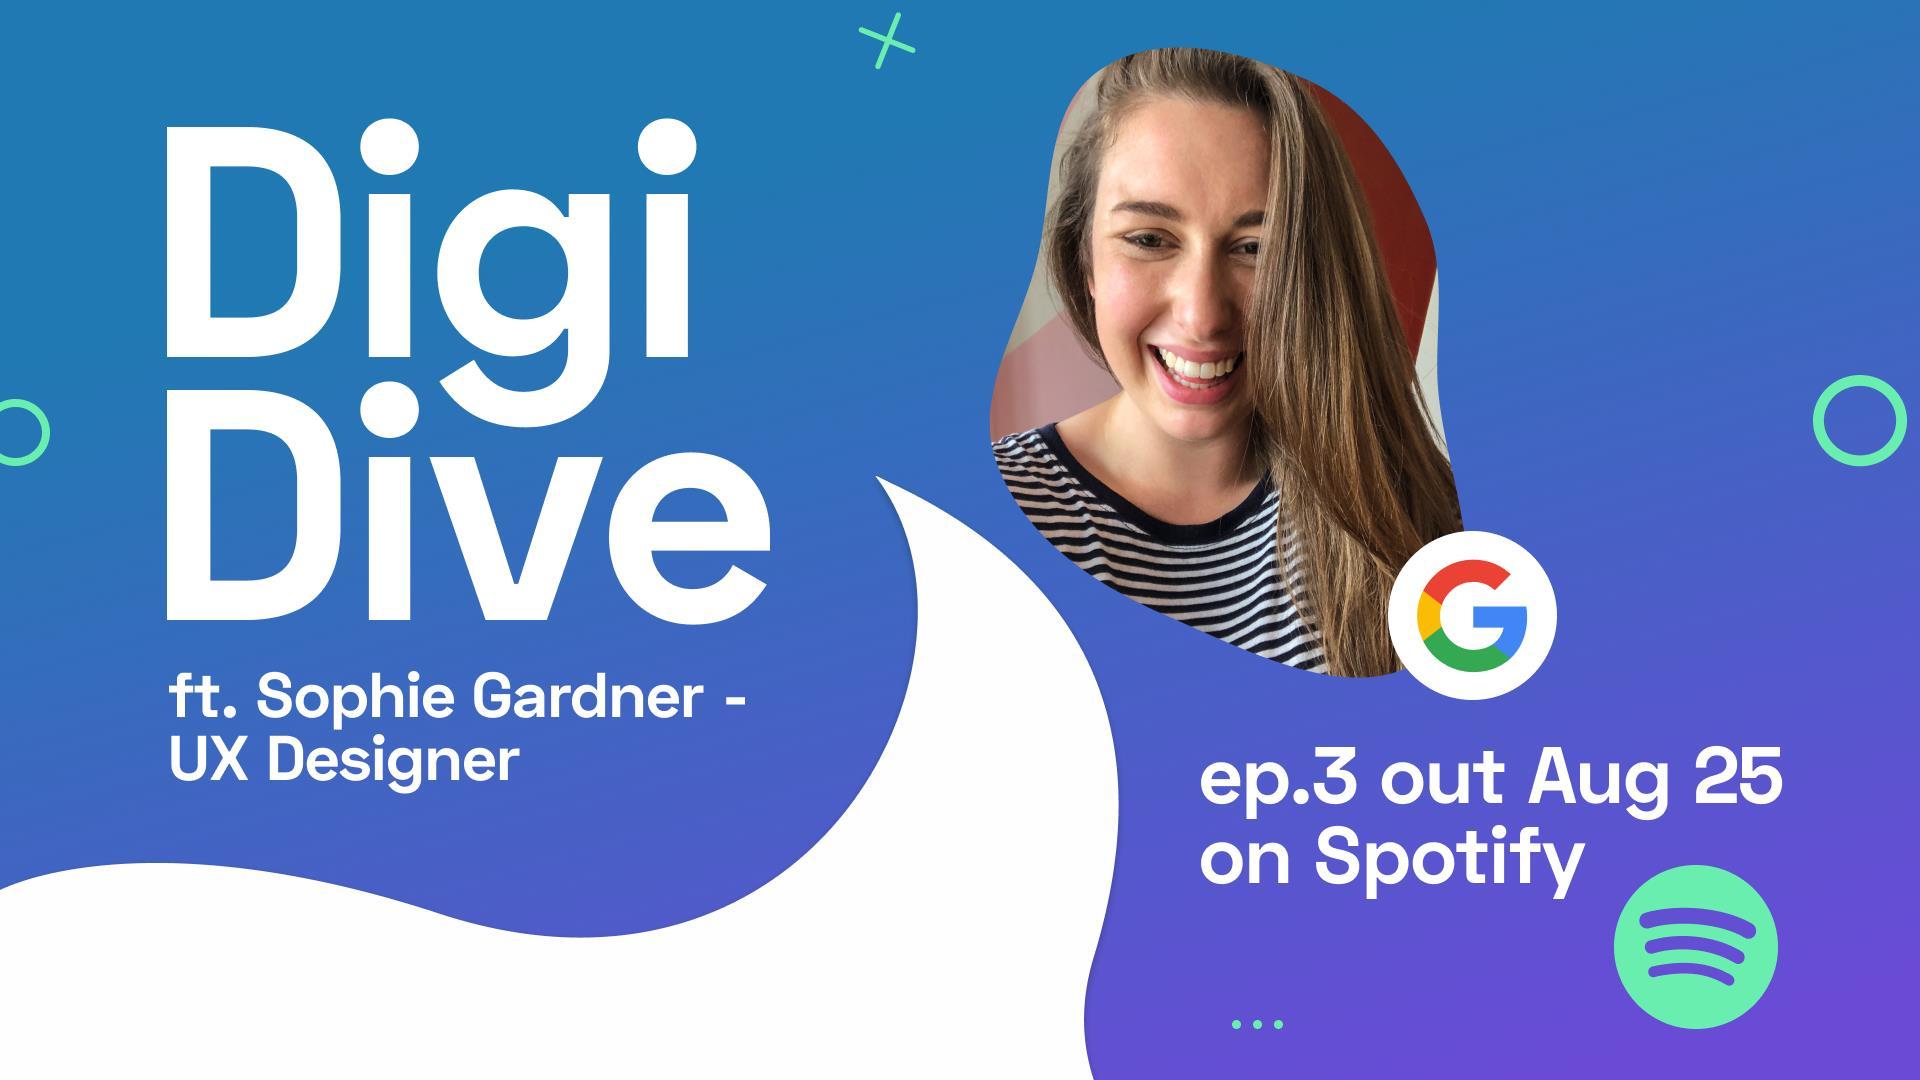 DigiDive Episode #3: UX Designer at Google with Sophie Gardner